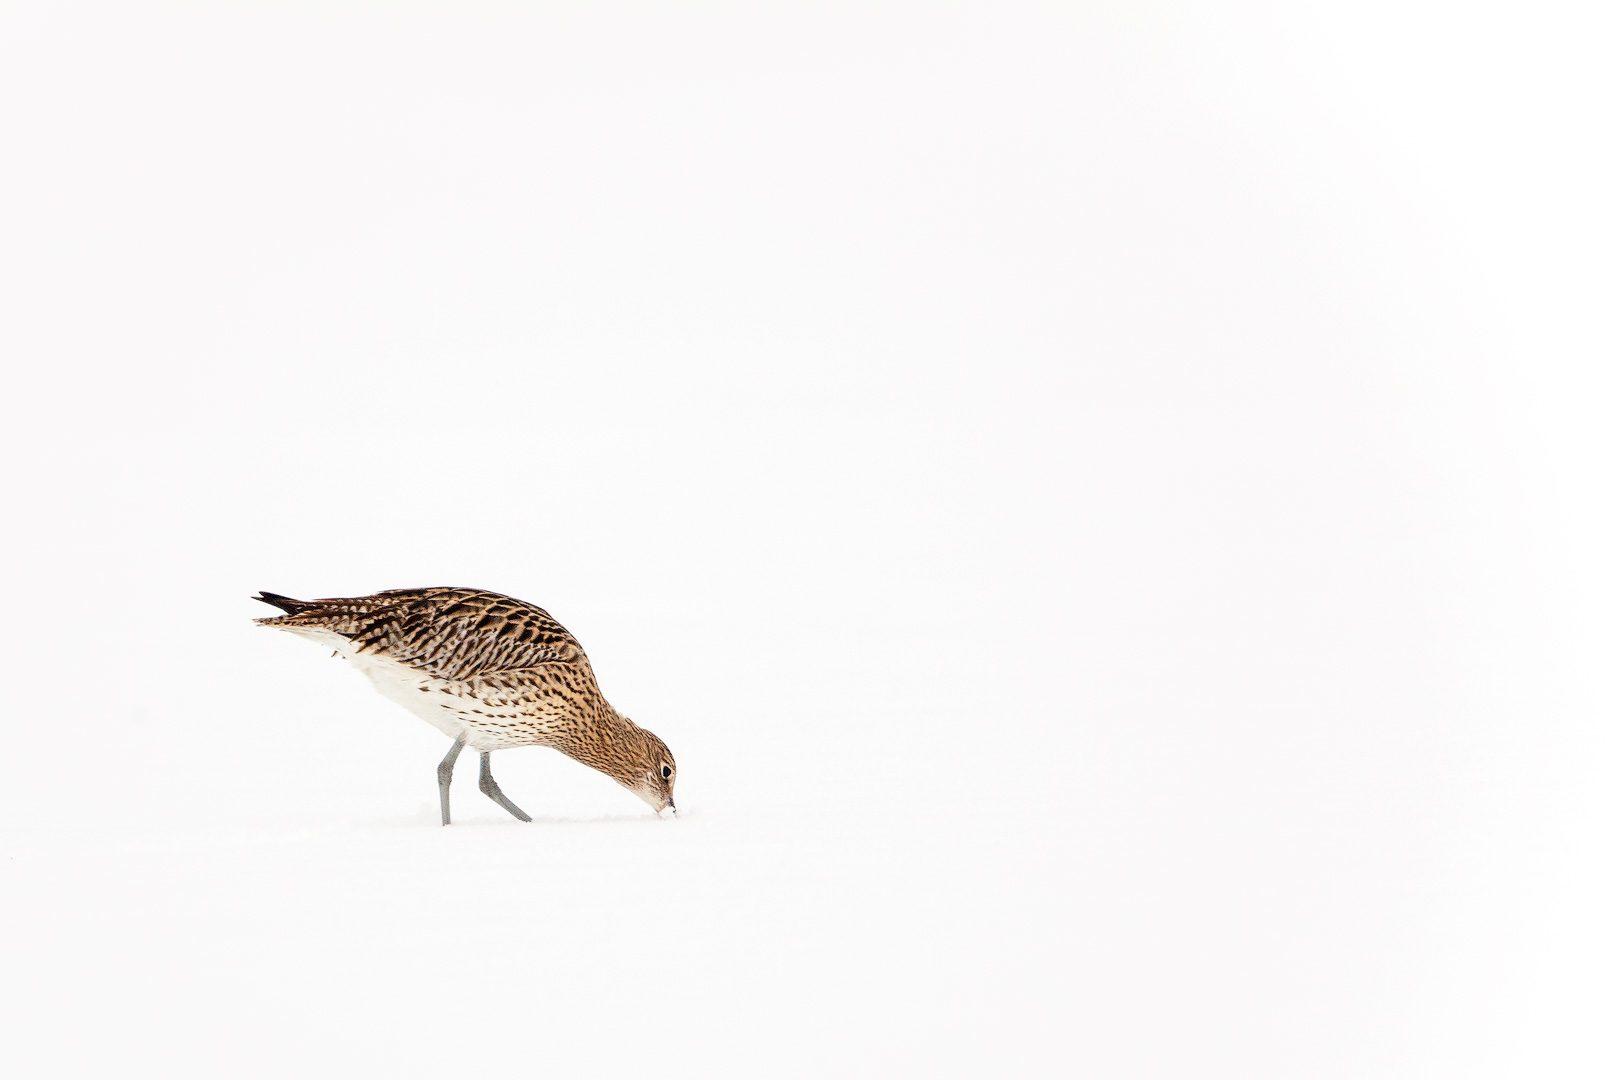 Een Wulp zoekend naar voedsel in de sneeuw